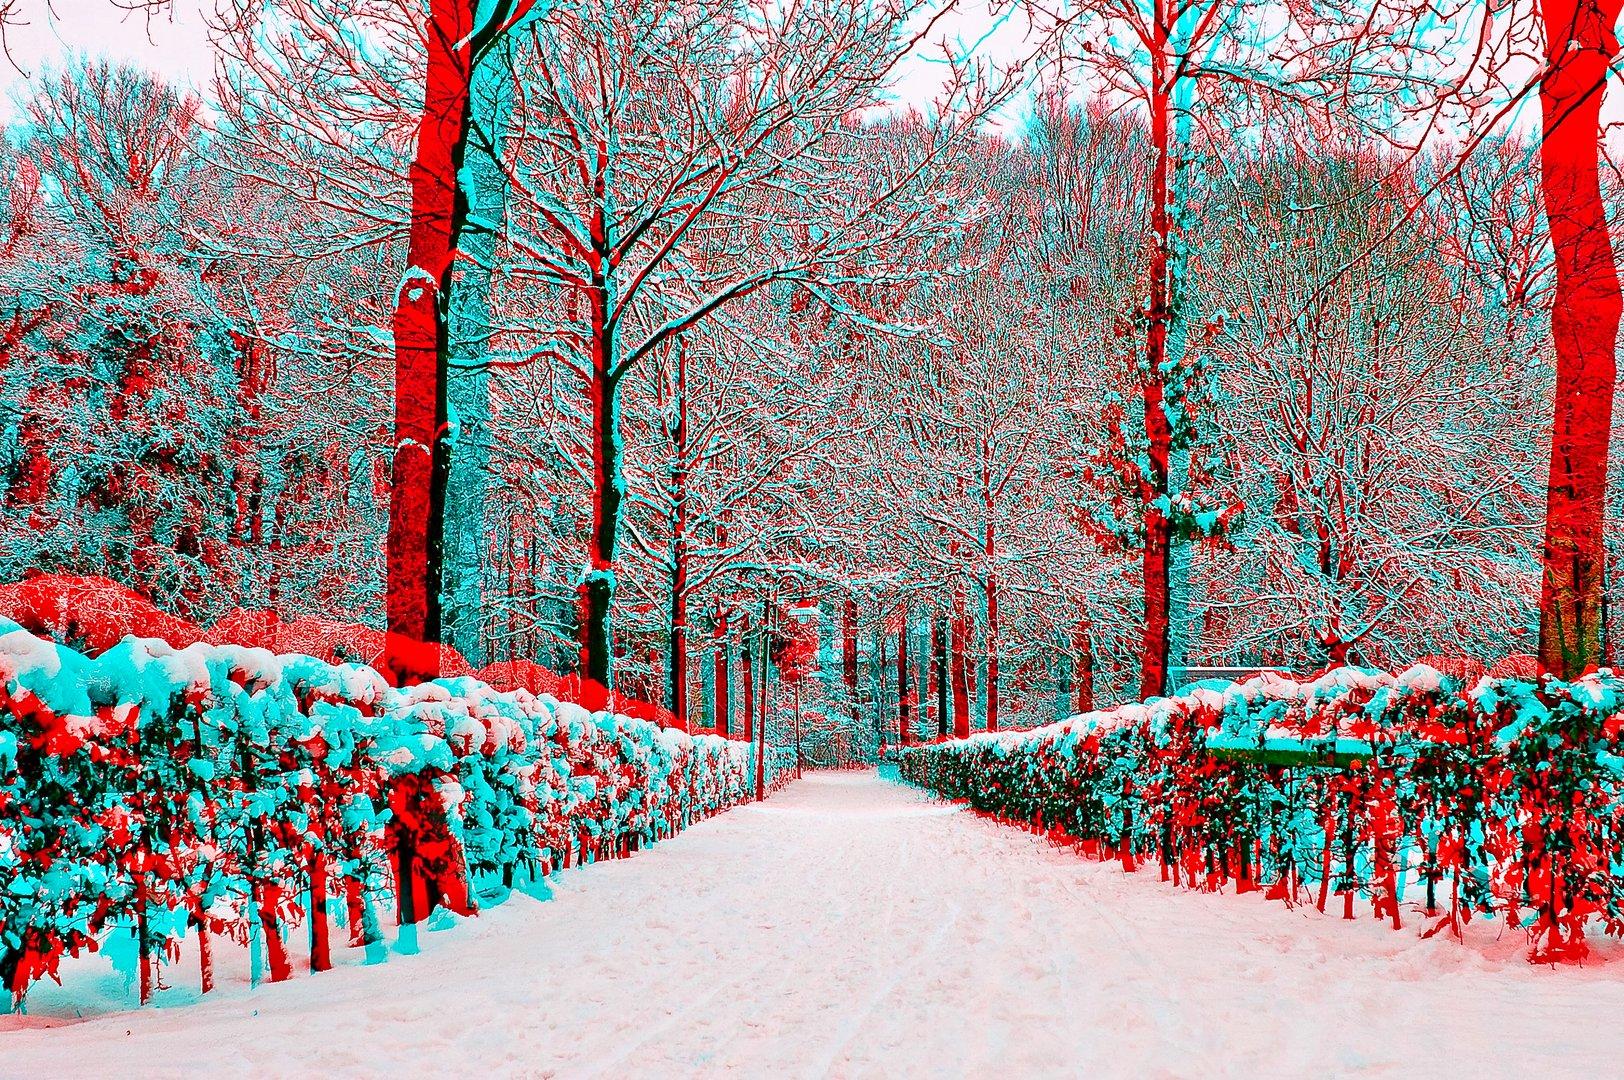 Winter in 3D